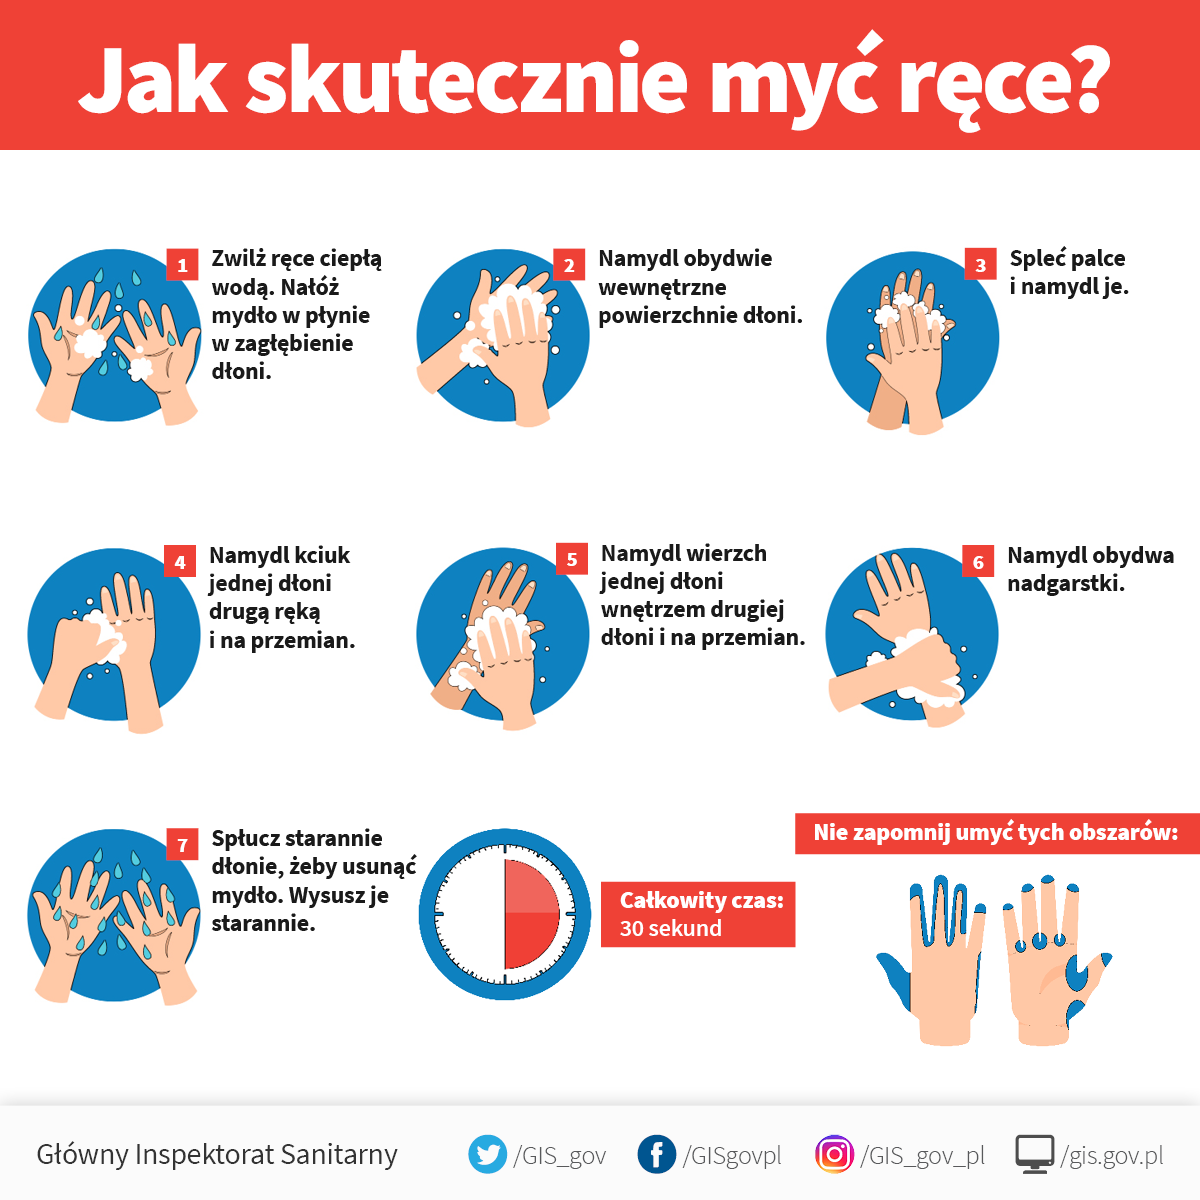 grafika - jak skutecznie myć ręce?